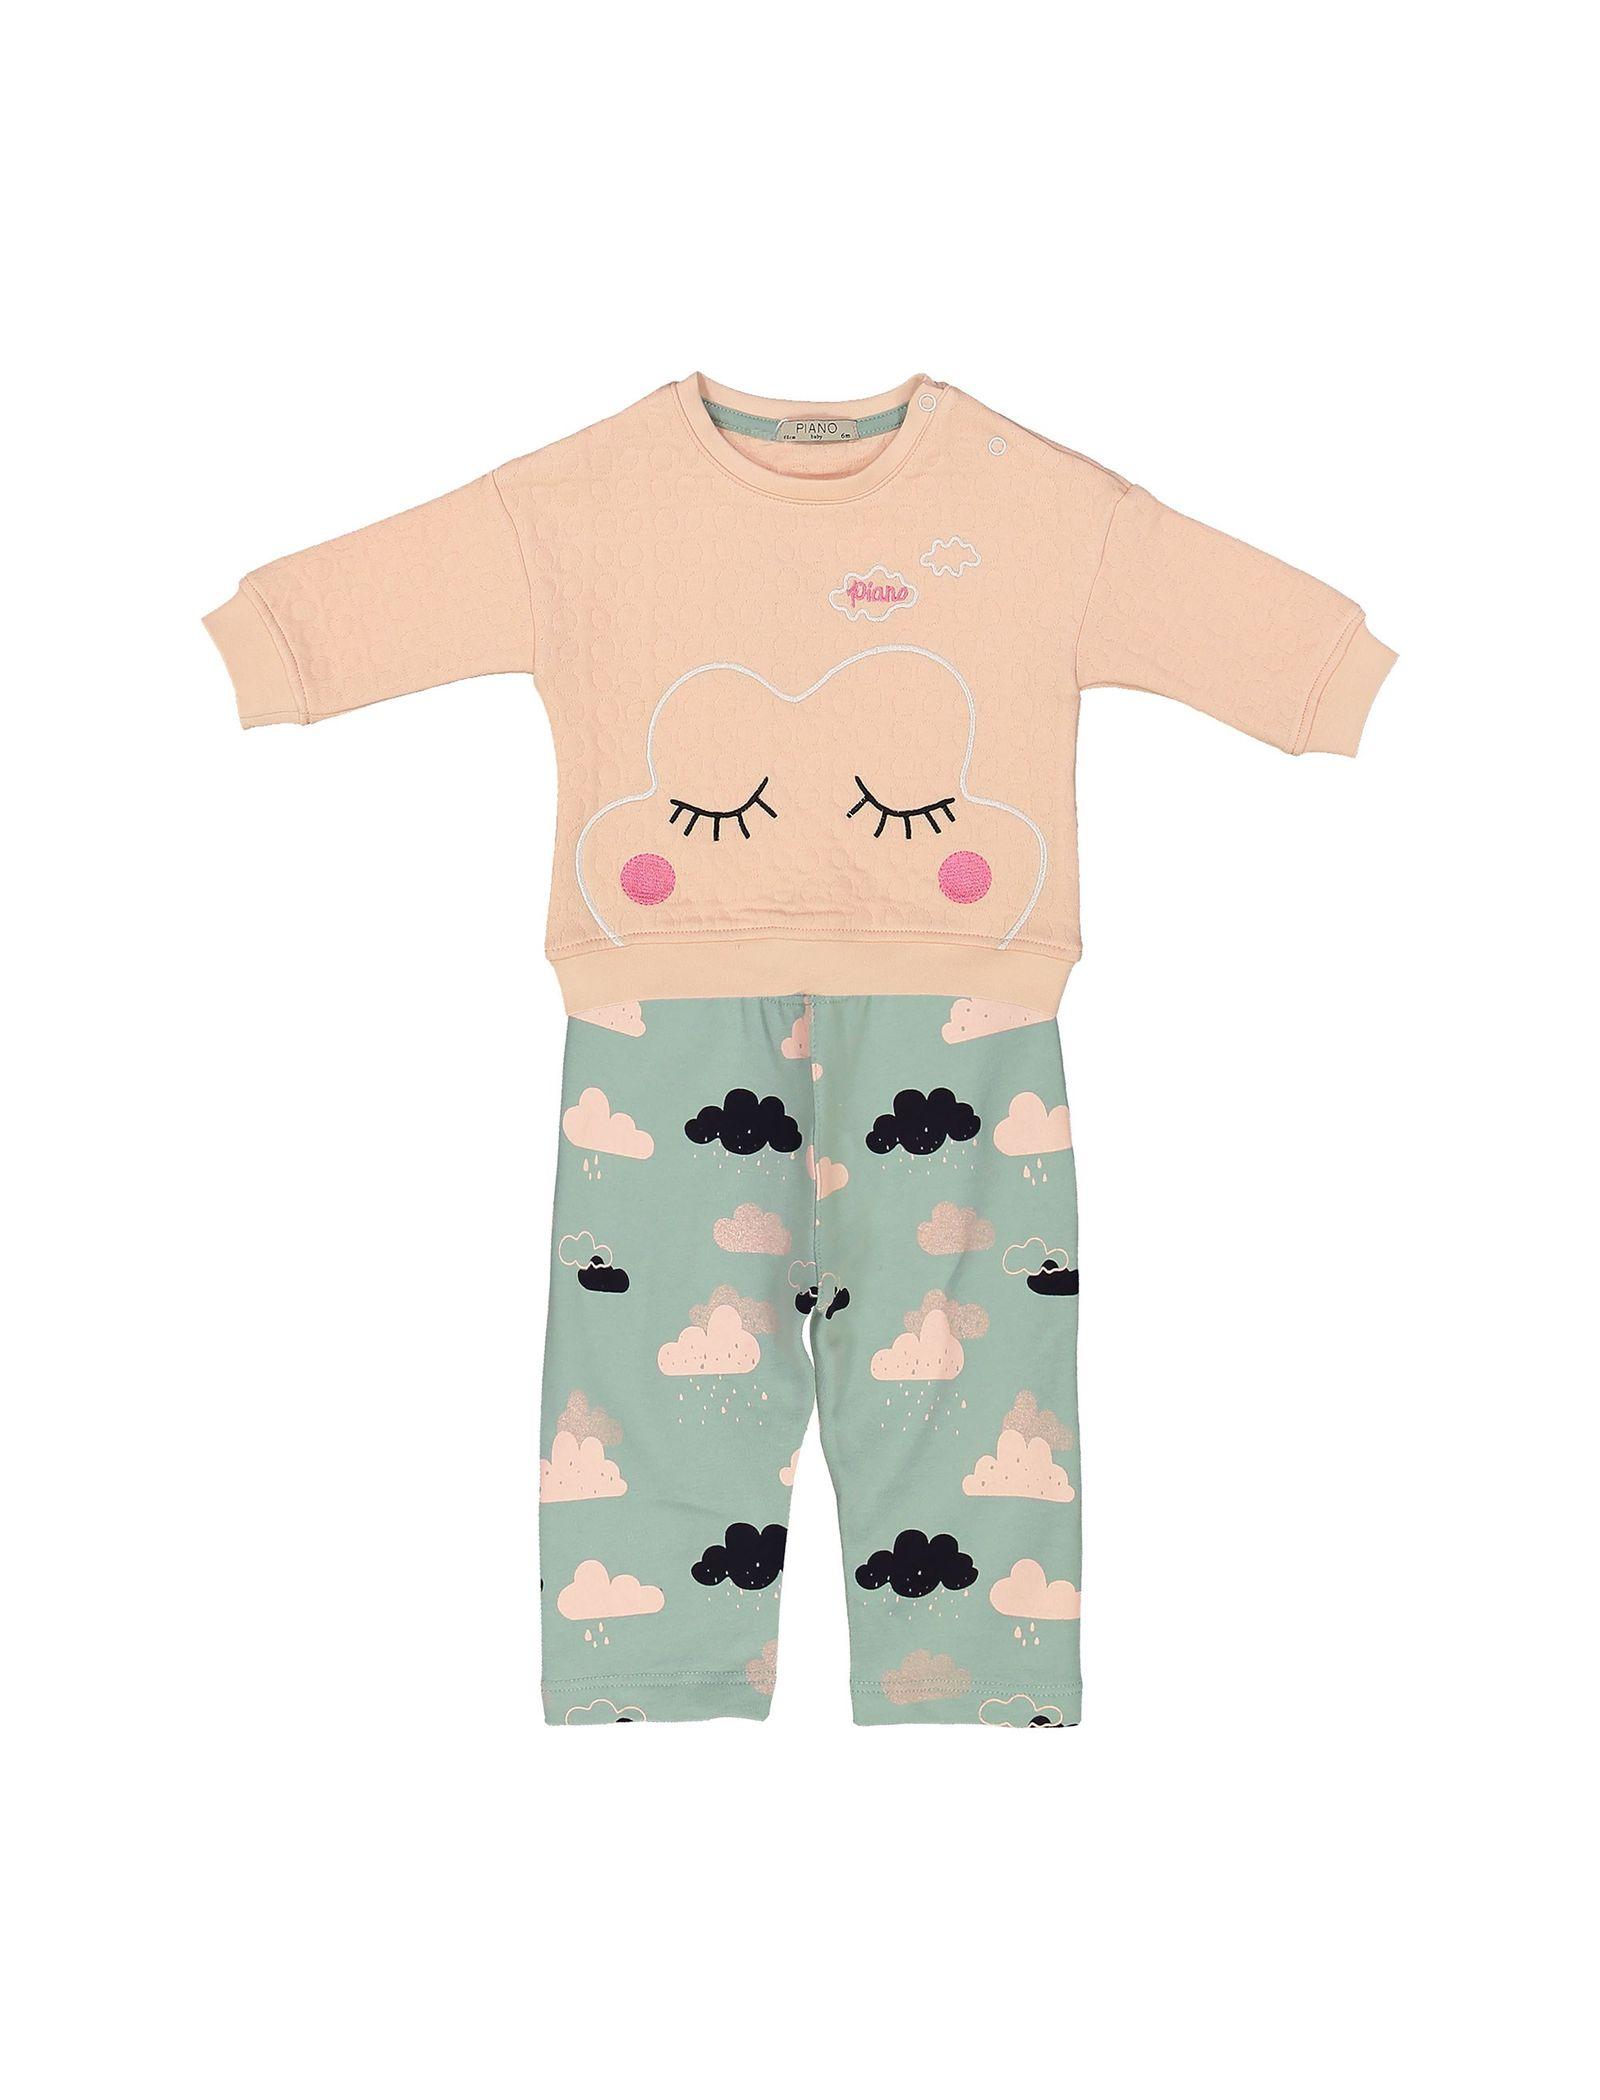 بلوز و شلوار نوزادی دخترانه - پیانو - صورتي و سبز آبيصورتي - 4